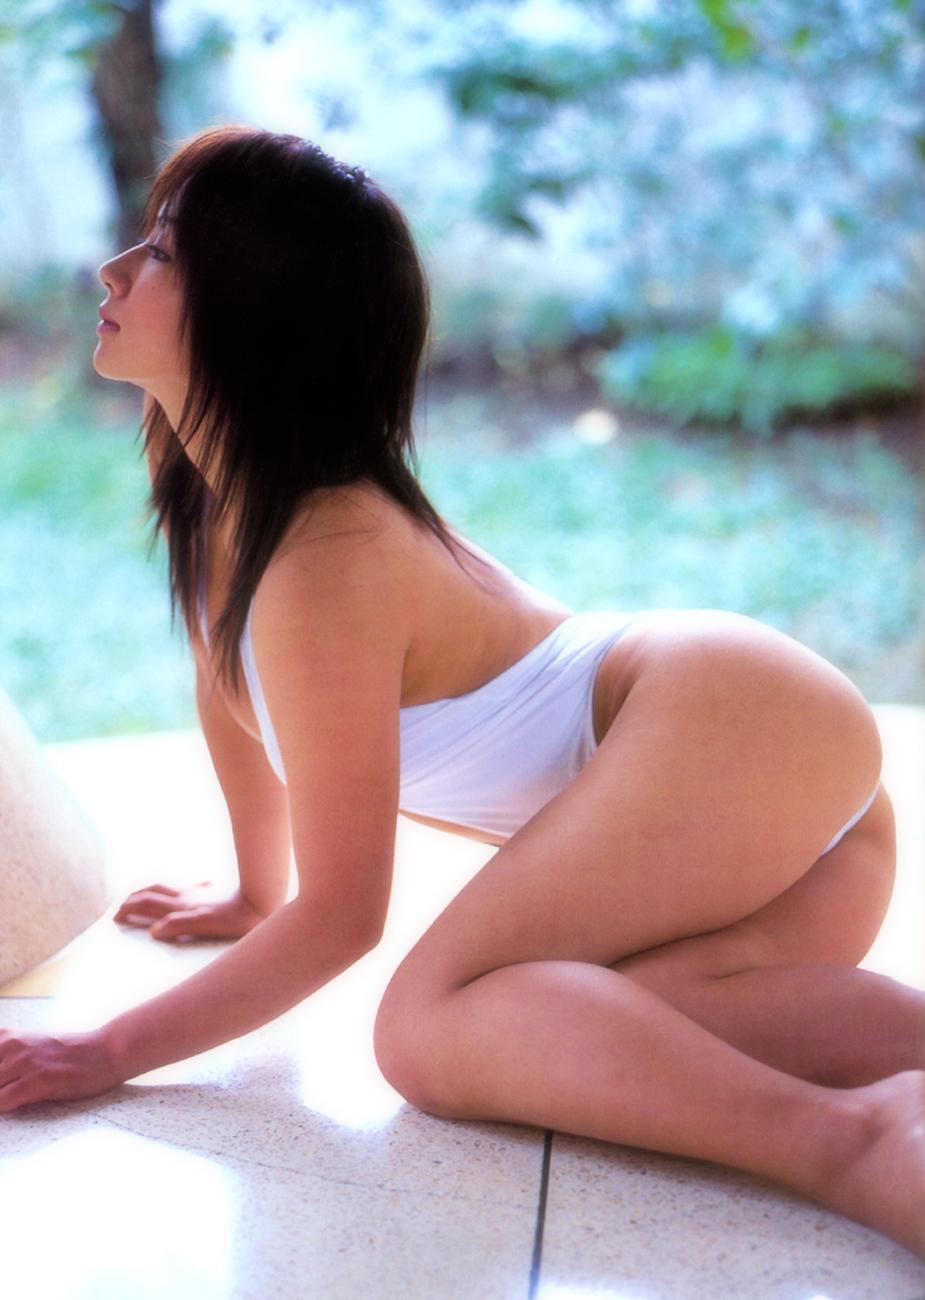 [盗撮奥さん]愛川ゆず季:水着でゲームしてます!懐かしのレジェンドぽっちゃりアイドルのお宝動画...